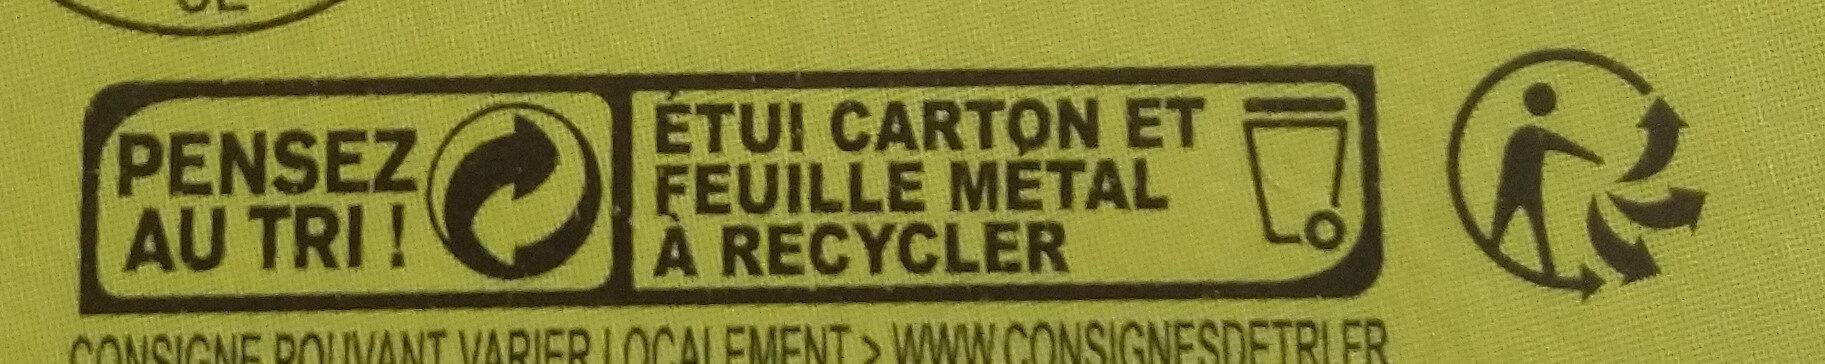 Les carrés crémeux - Istruzioni per il riciclaggio e/o informazioni sull'imballaggio - fr